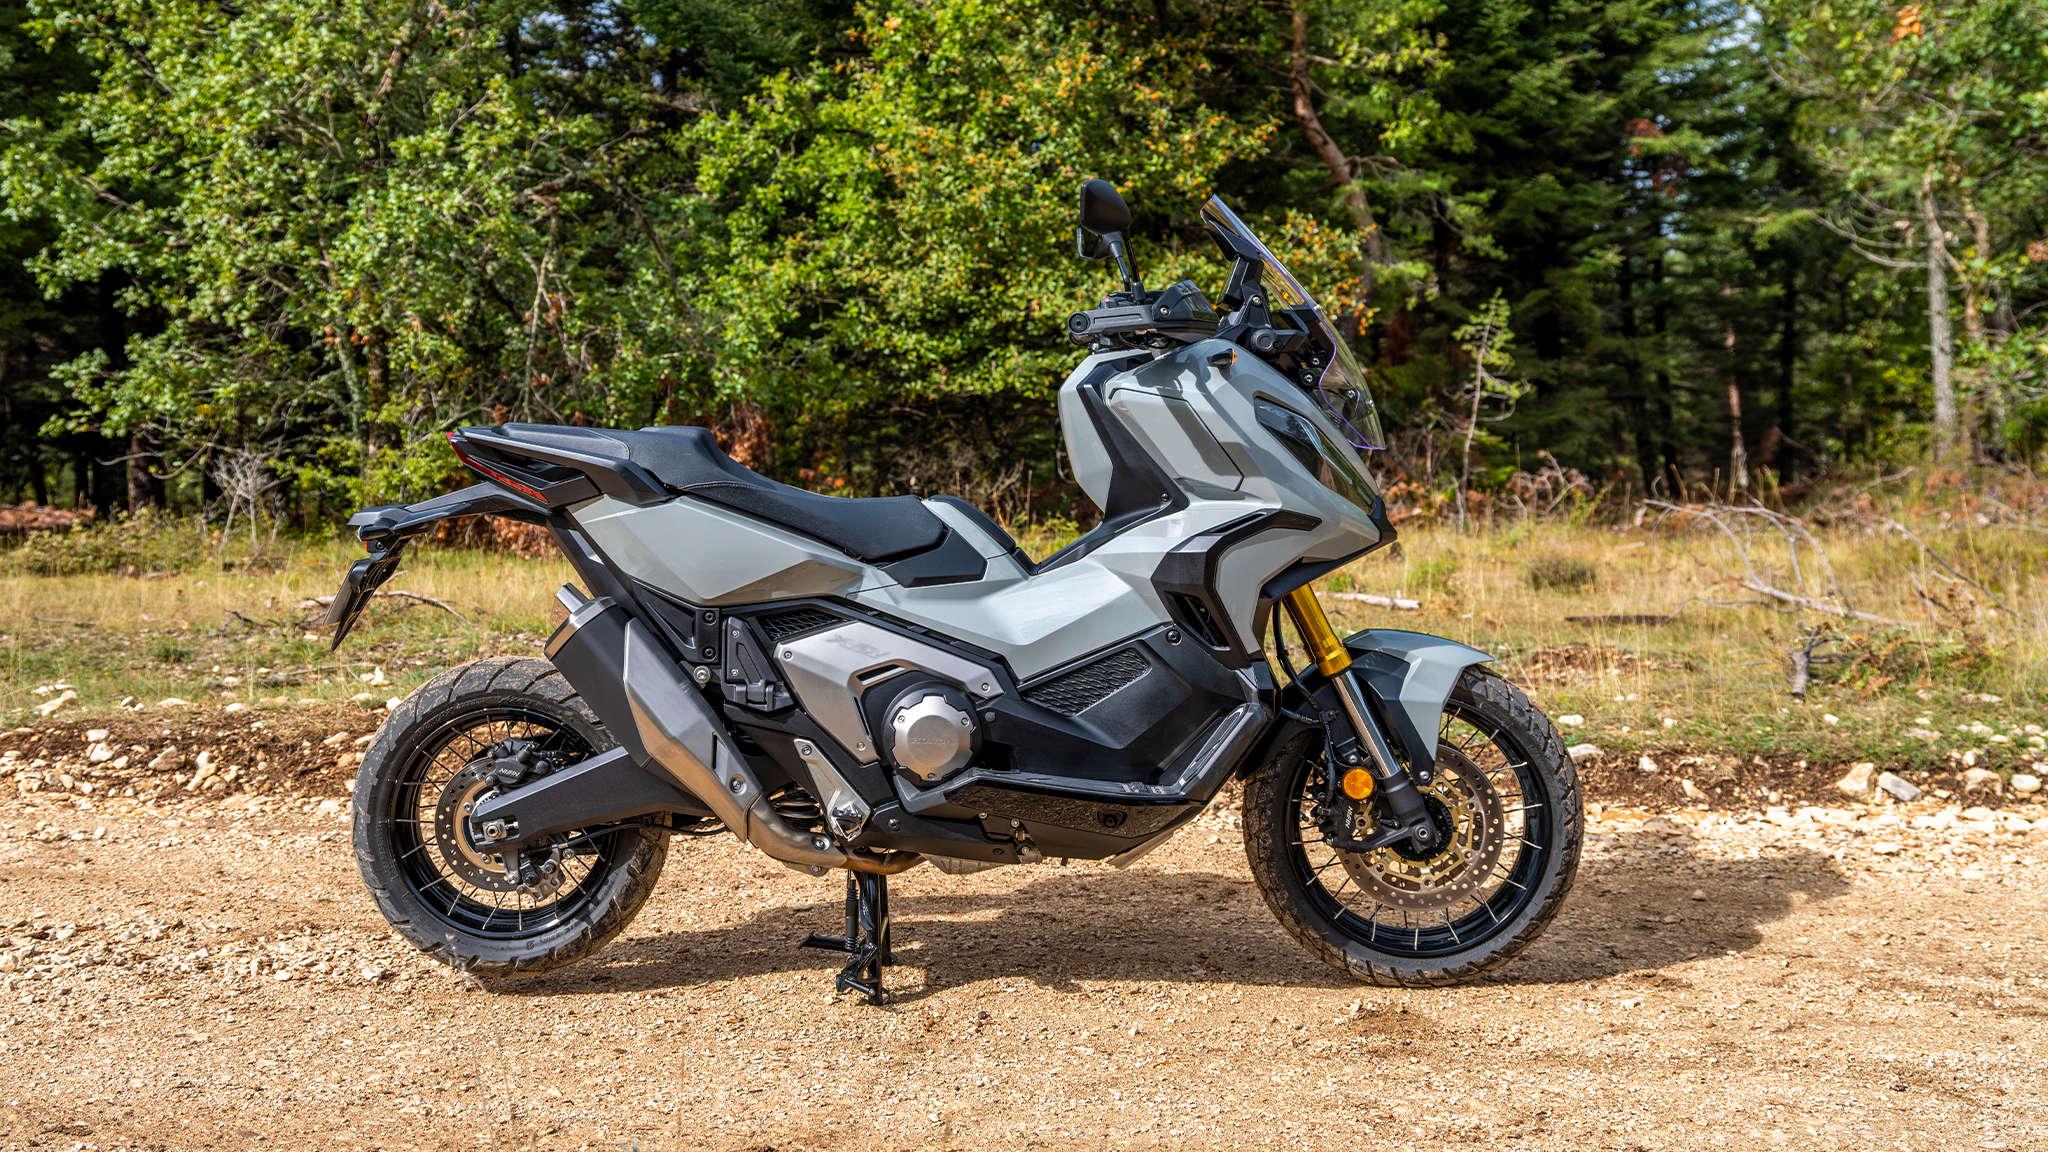 Honda X-ADV, šedý motocykl na lesní cestě